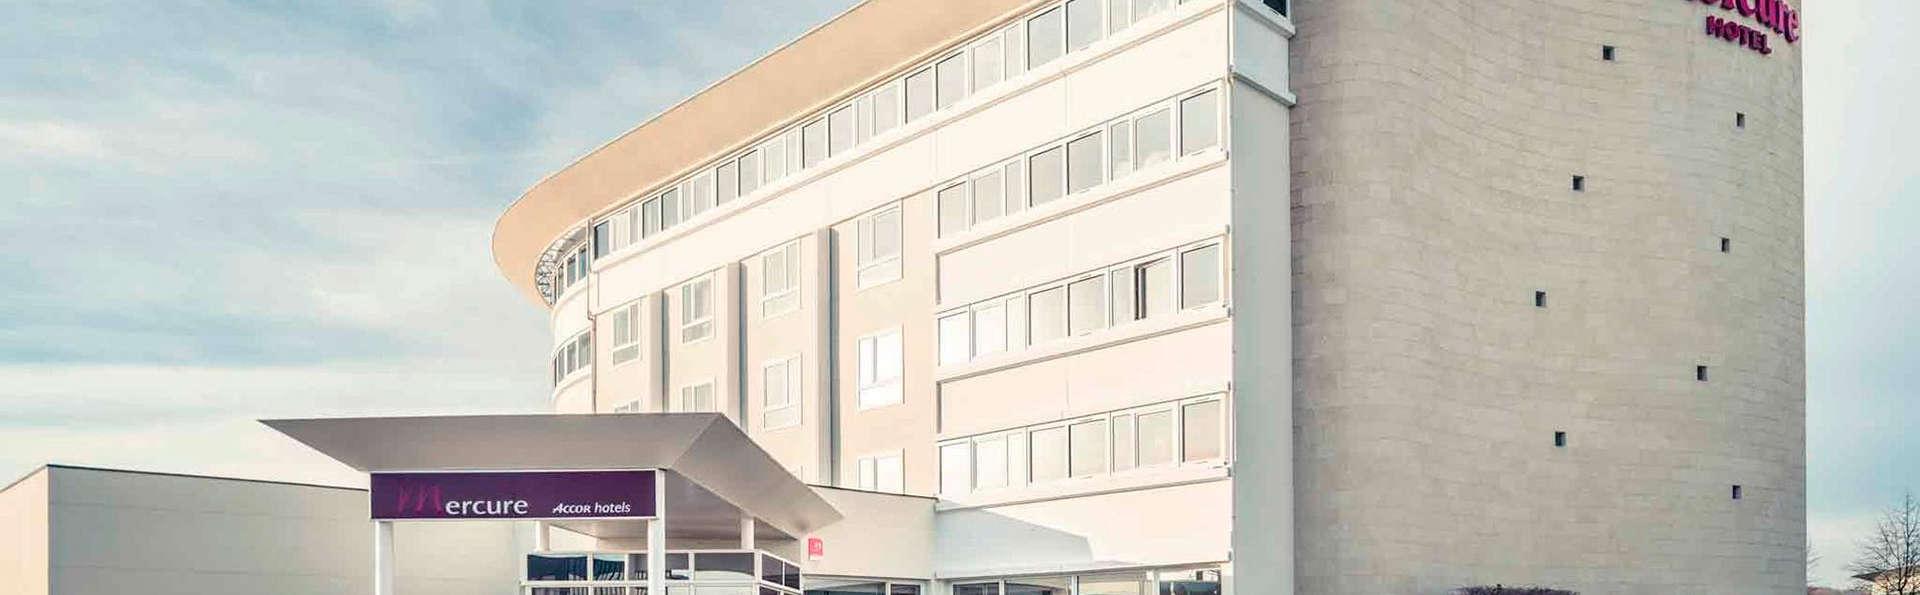 Hôtel Mercure Compiègne Sud - EDIT_front.jpg